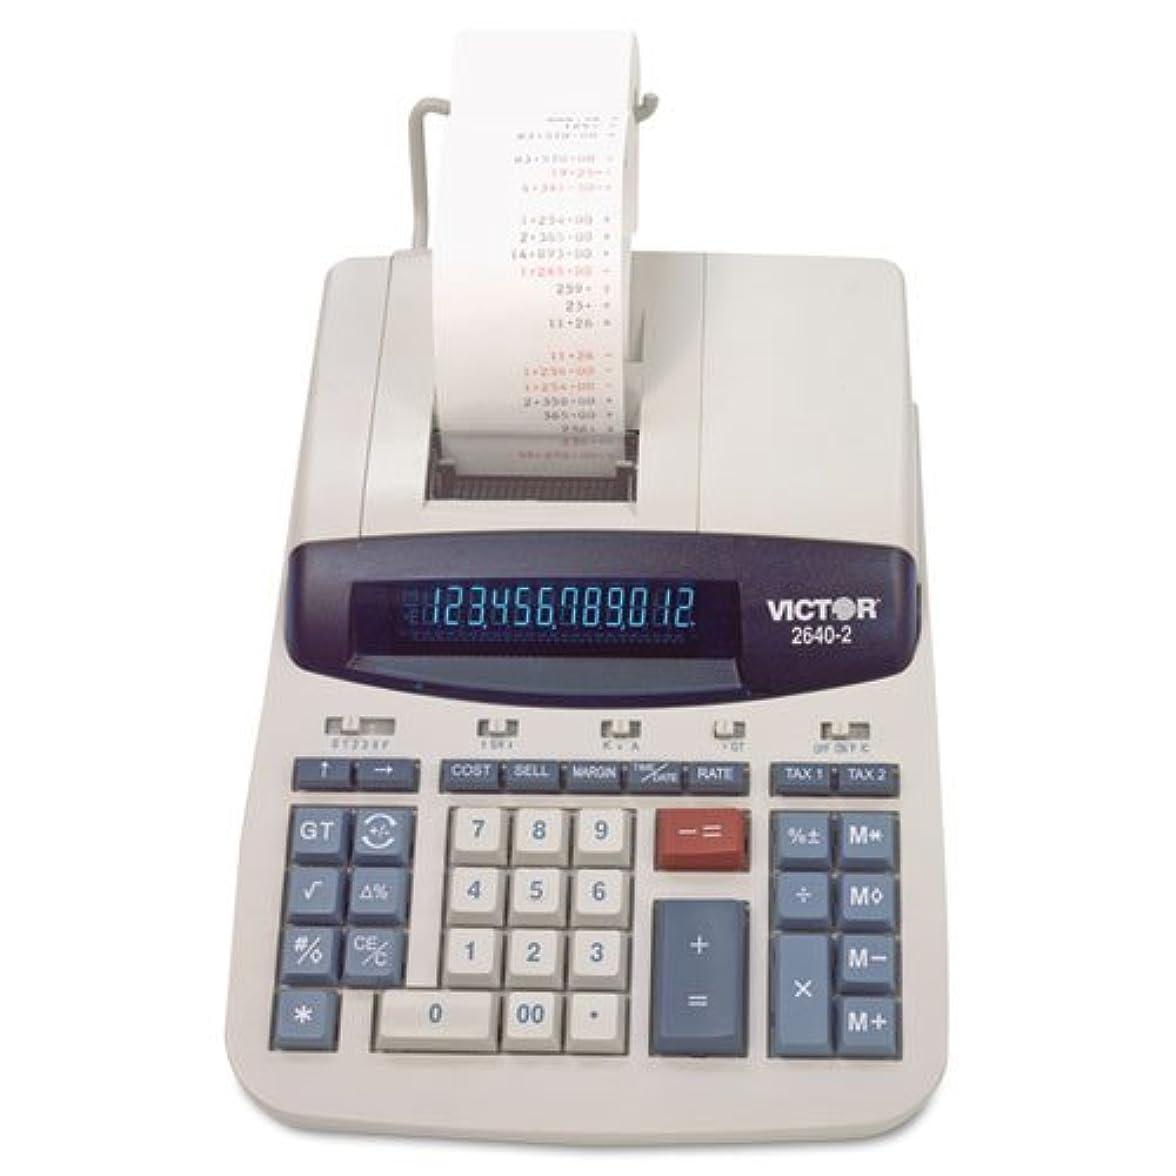 昇る空作者Victor?–?2640?–?2?2色印刷電卓、ブラック/レッド印刷、4.6?Lines / sec 2640?–?2?( DMI EA